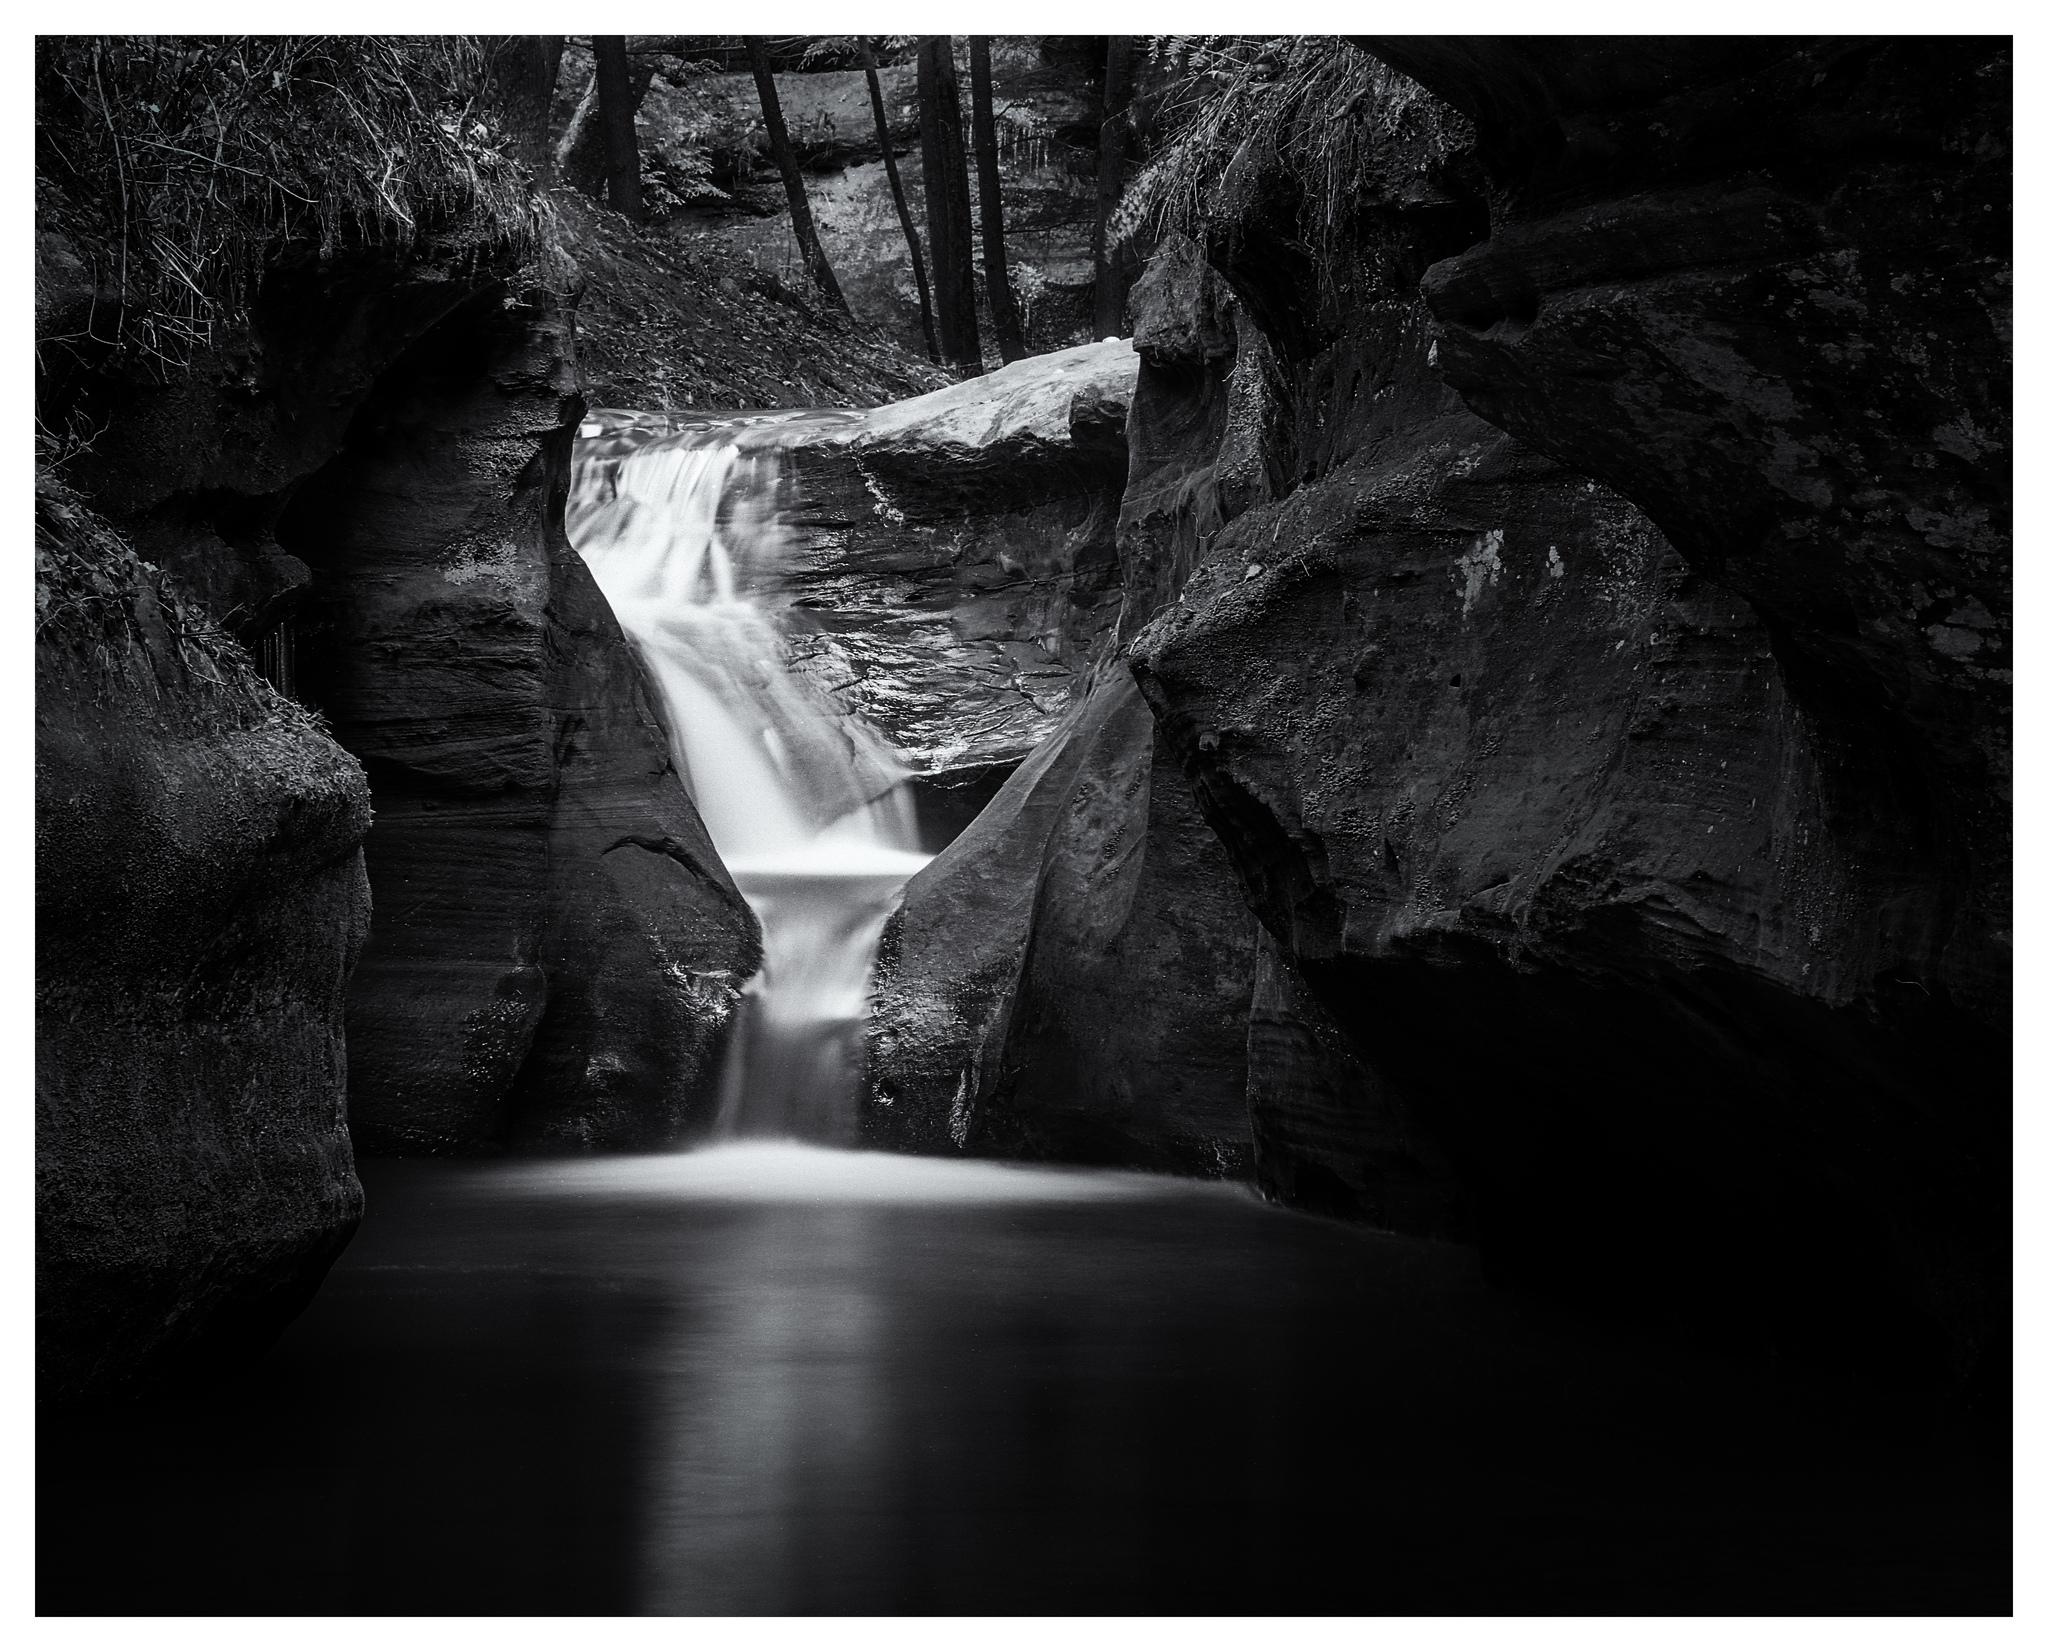 """Below the """"Devil's Bathtub"""" - Mamiya RB67 w/250mm lens on HP5+"""